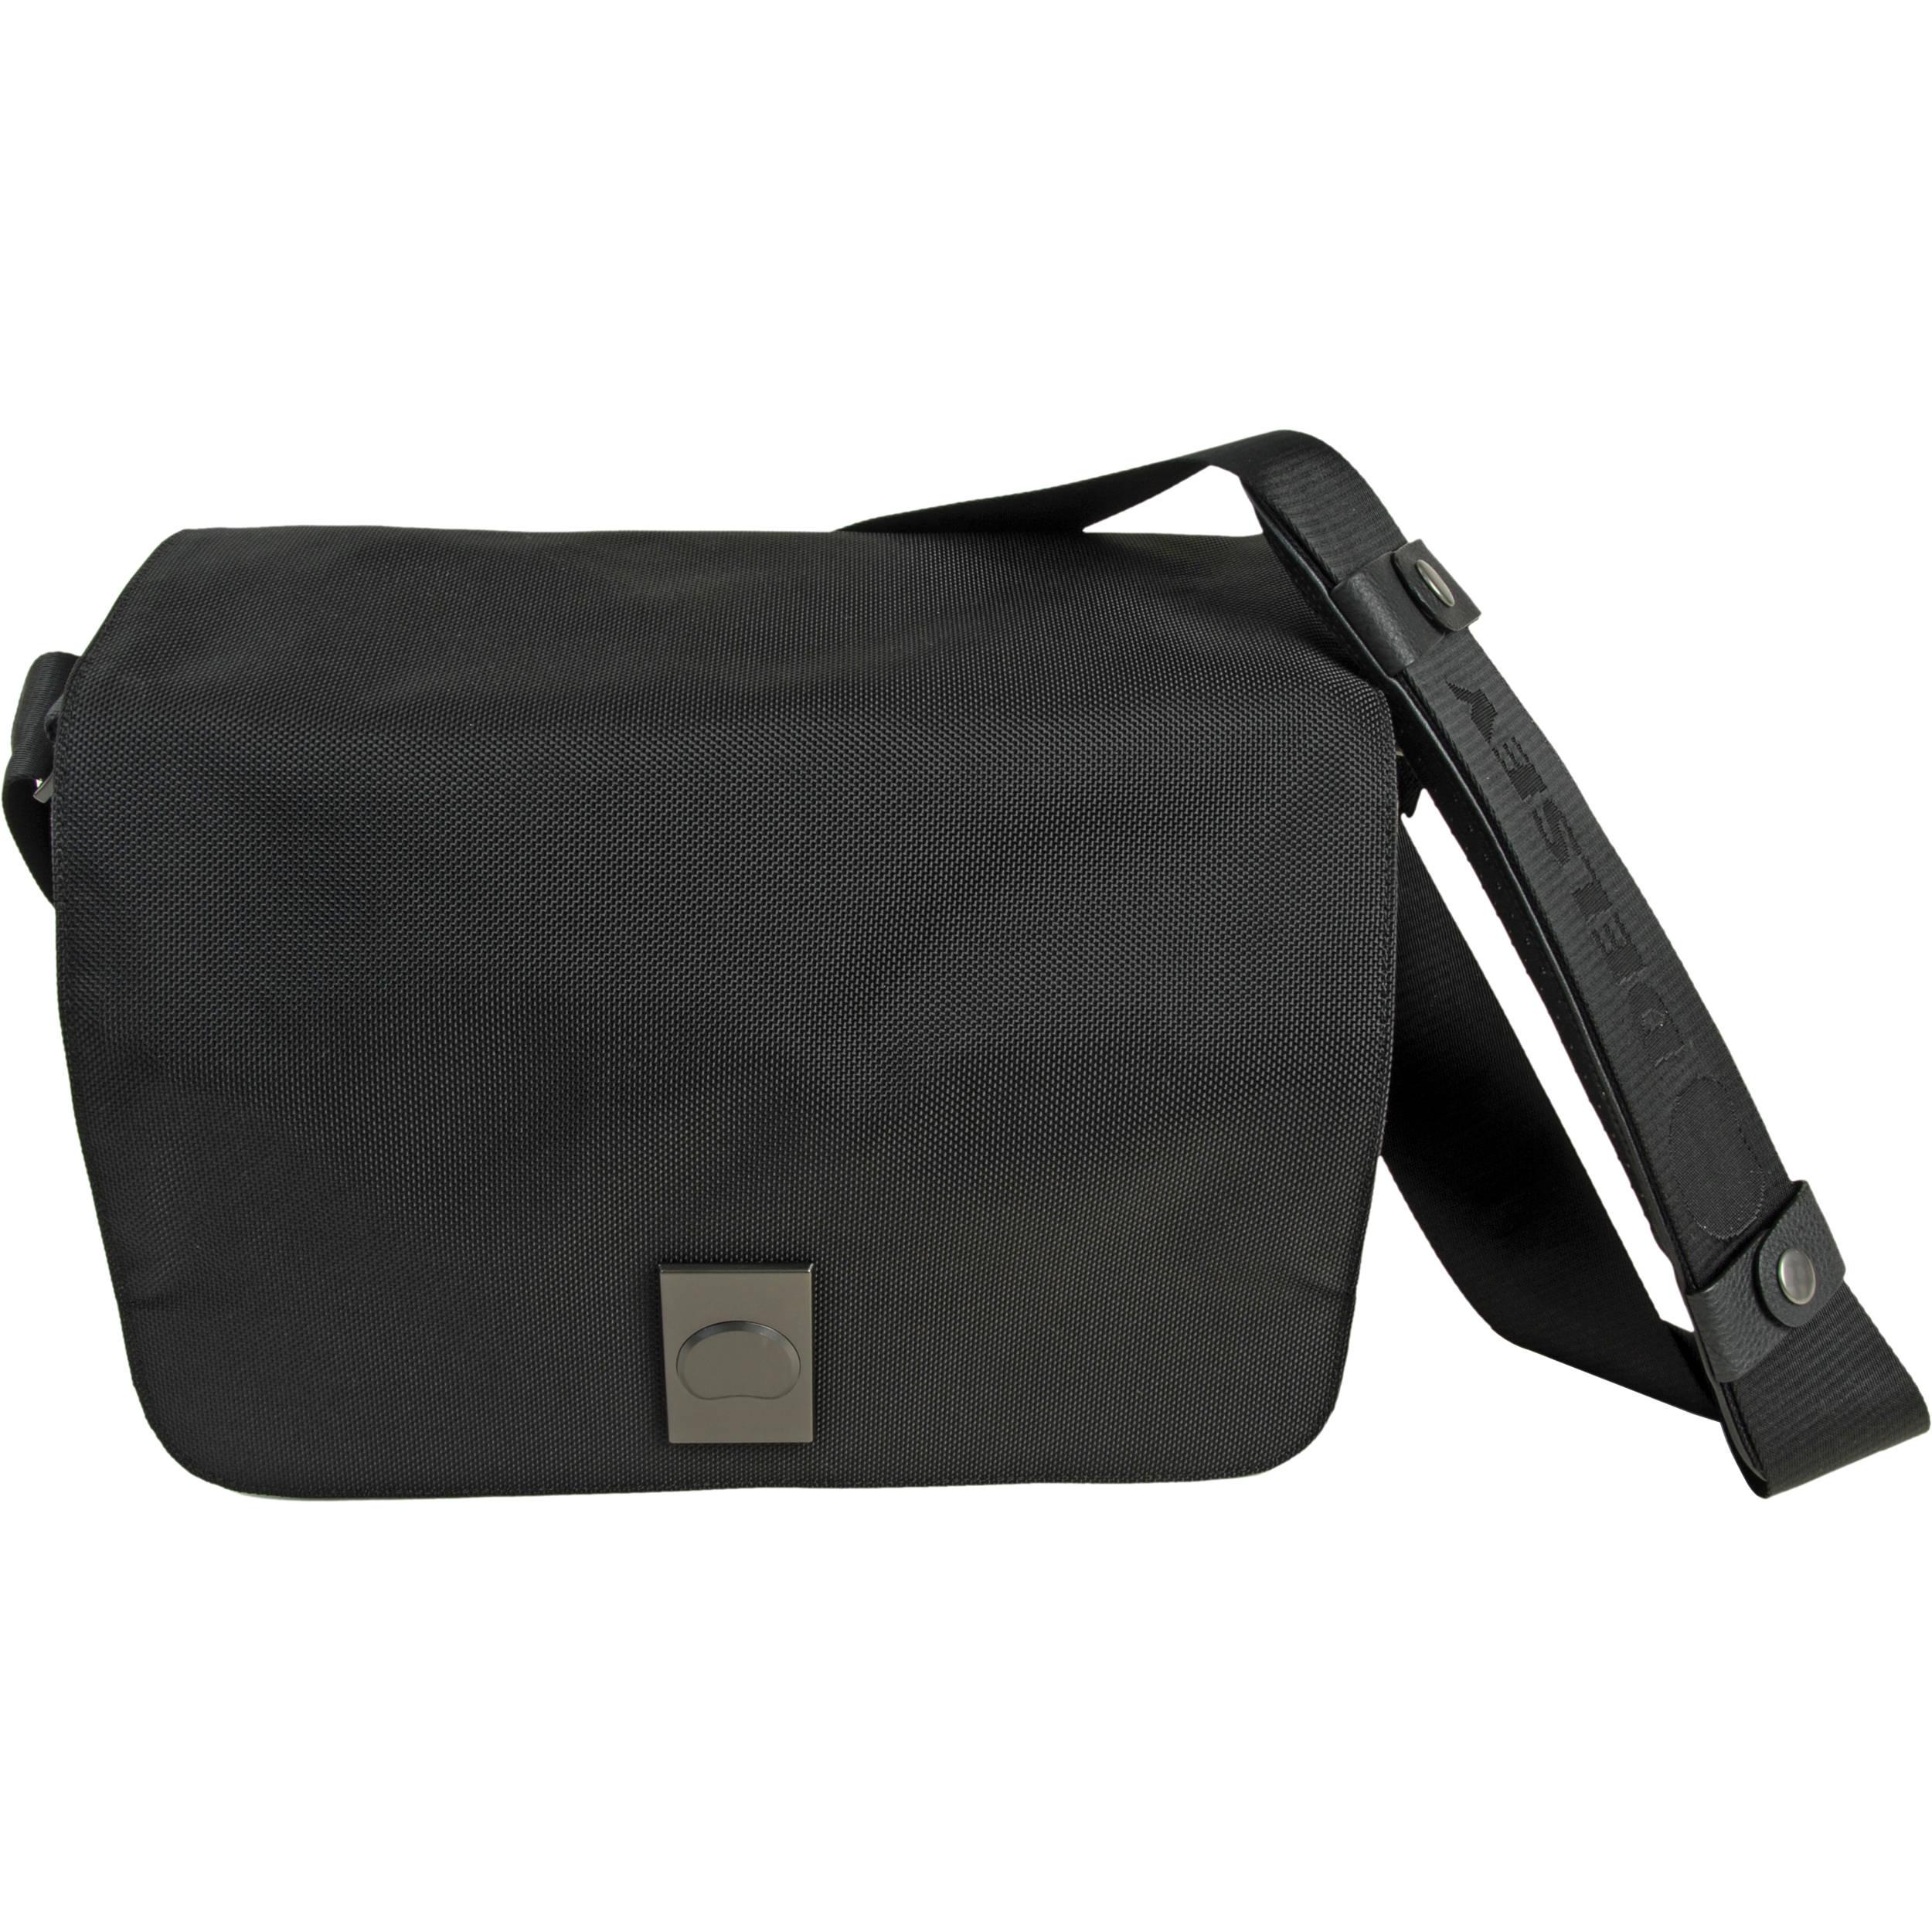 Delsey Cortex 05 Shoulder Bag Black